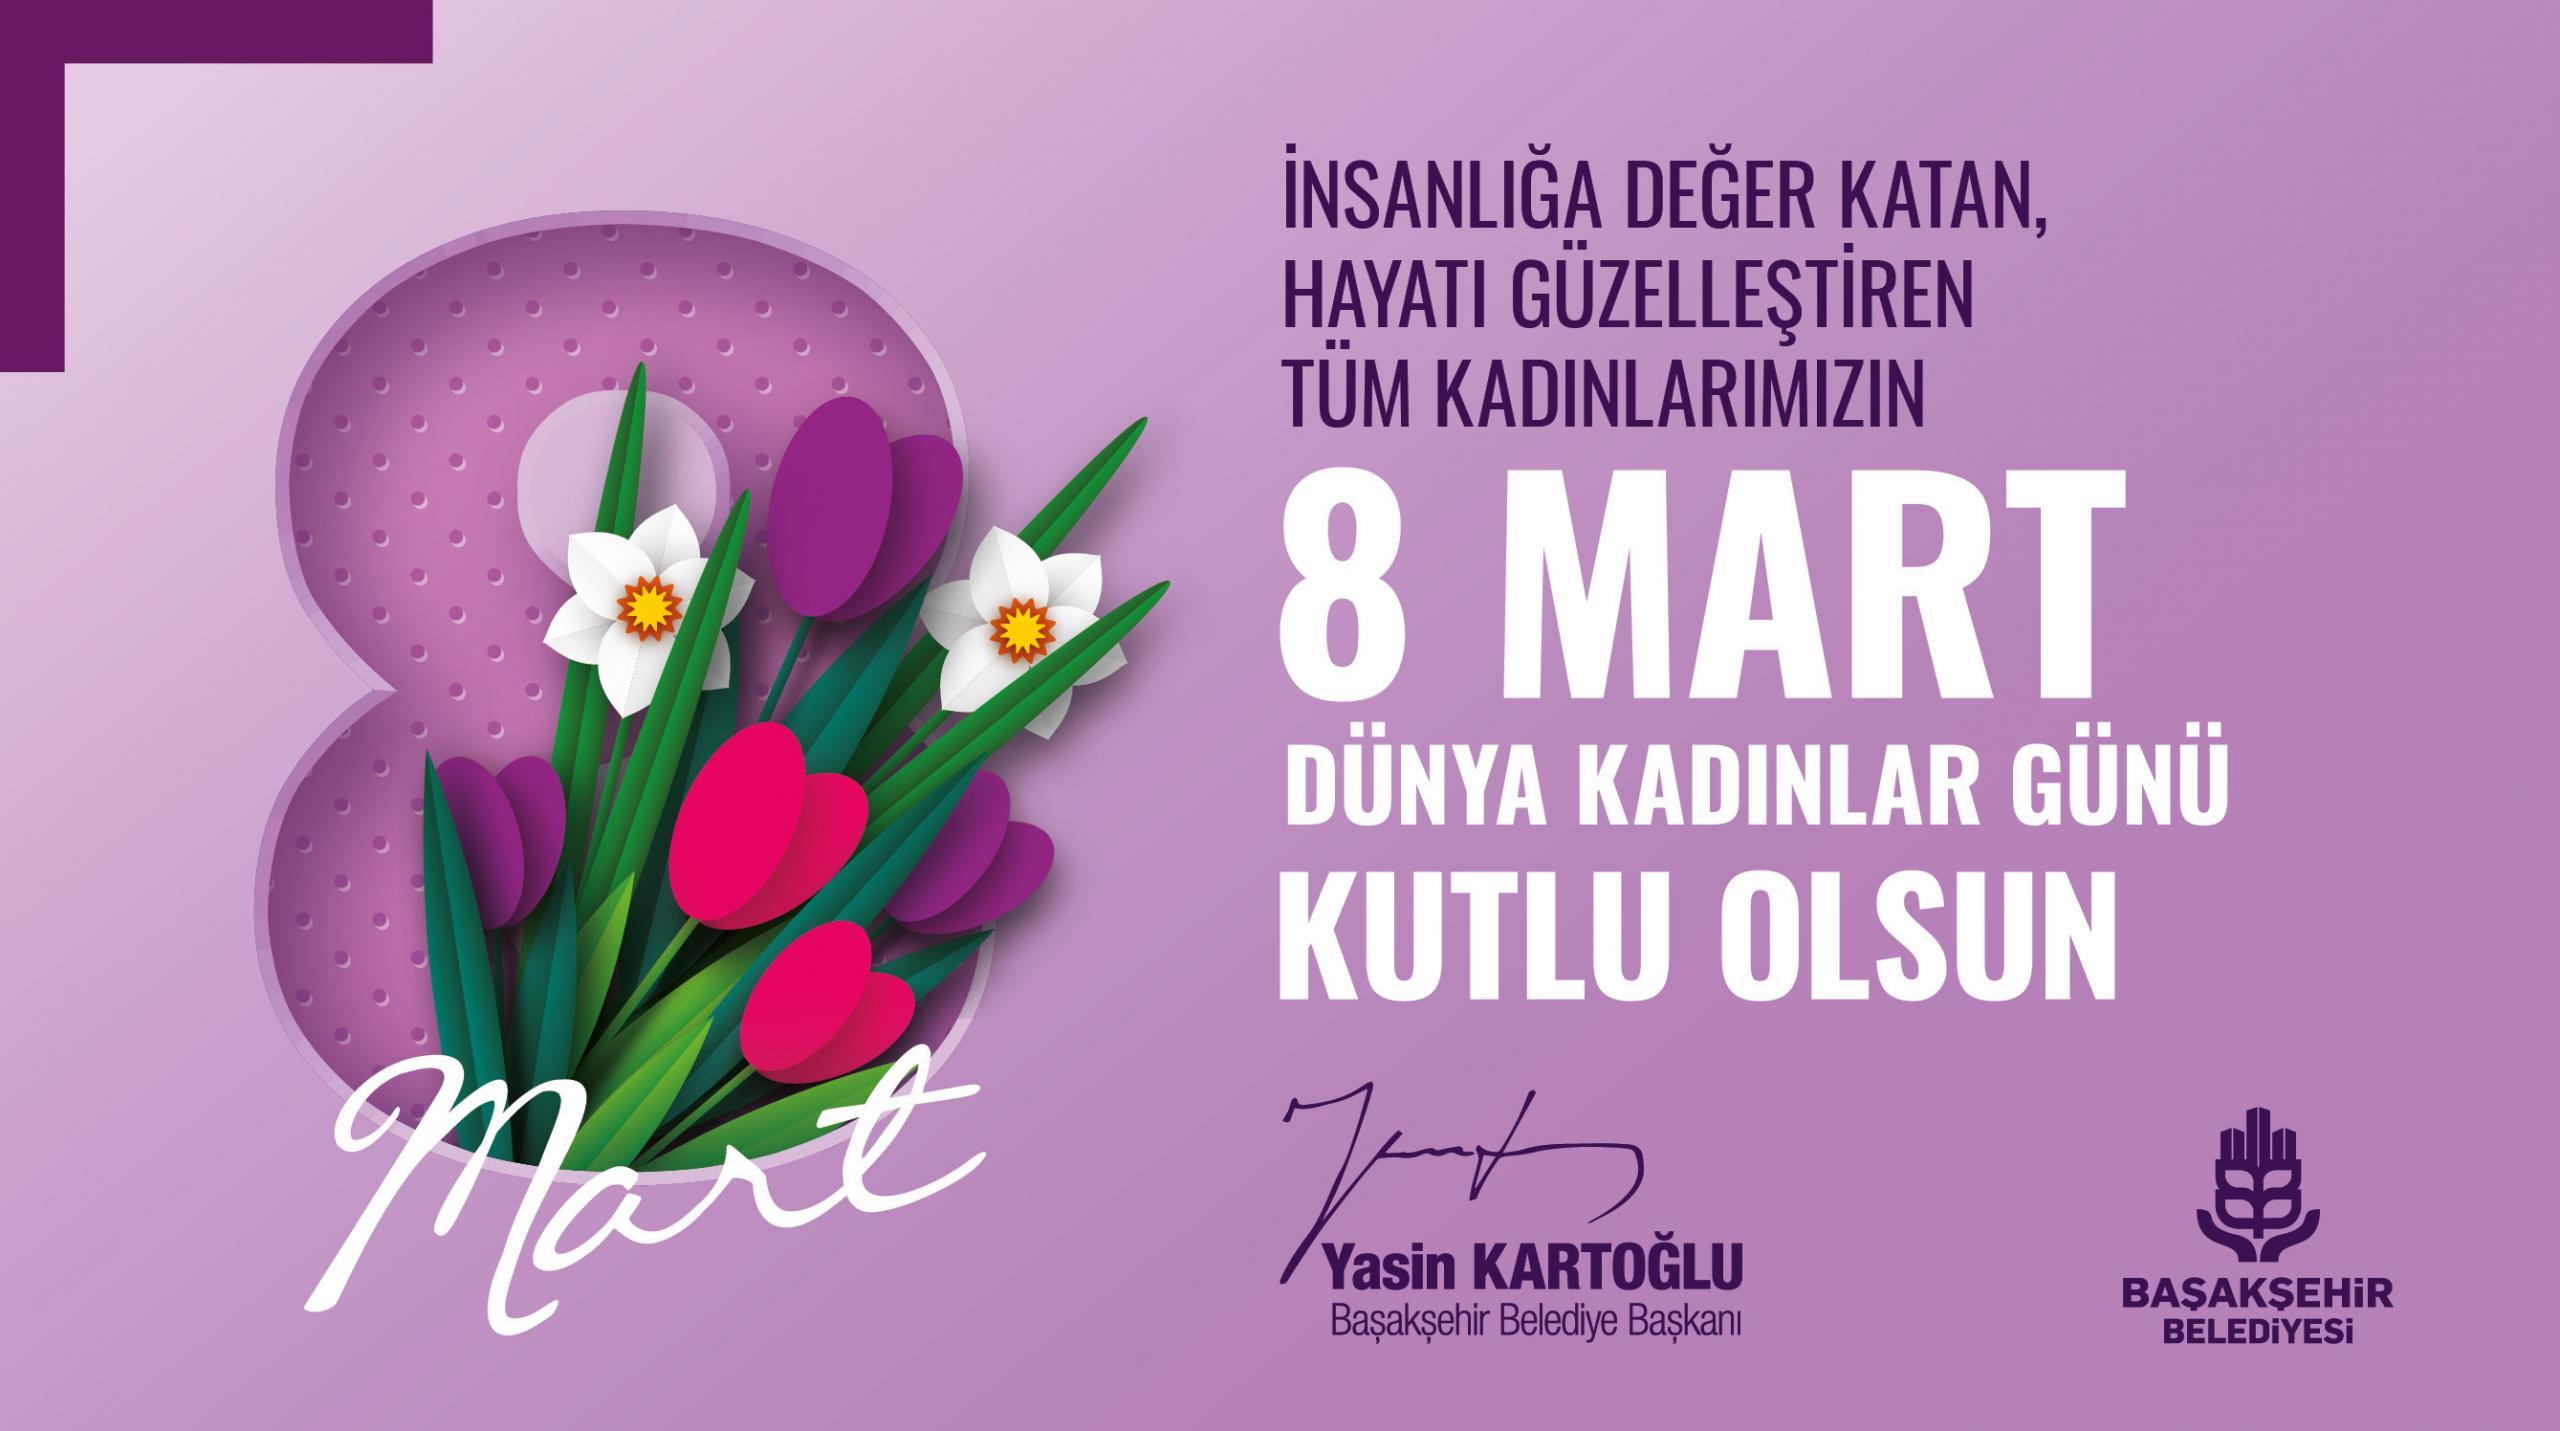 BAŞKAN KARTOĞLU'NDAN 8 MART'A ÖZEL ANLAMLI VİDEO